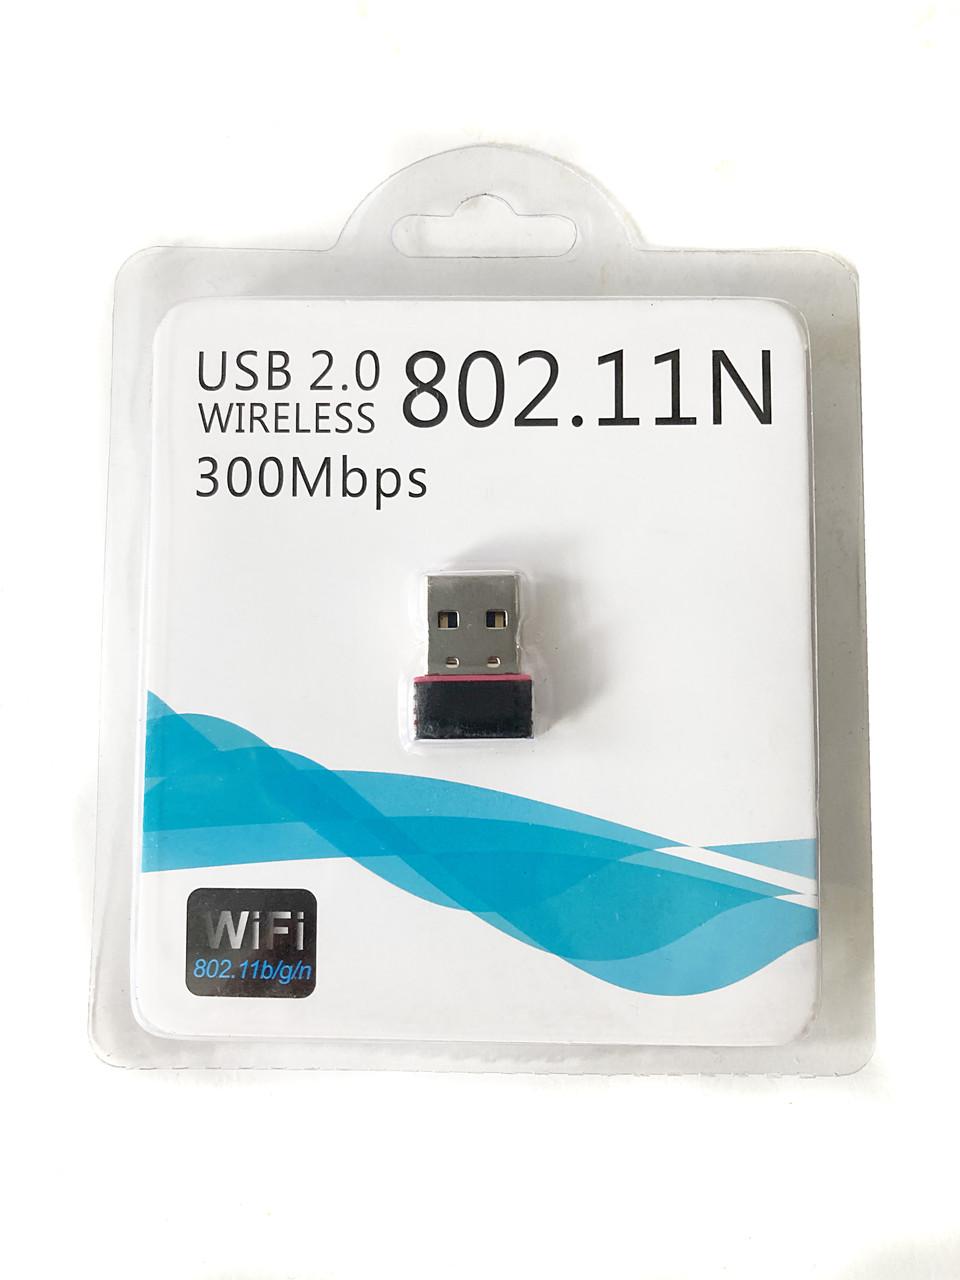 Адаптер беспроводной USB Wi-Fi 802.11N, поддержка стандартов b/g/n, мини ресивер, для компьютера и ноутбука